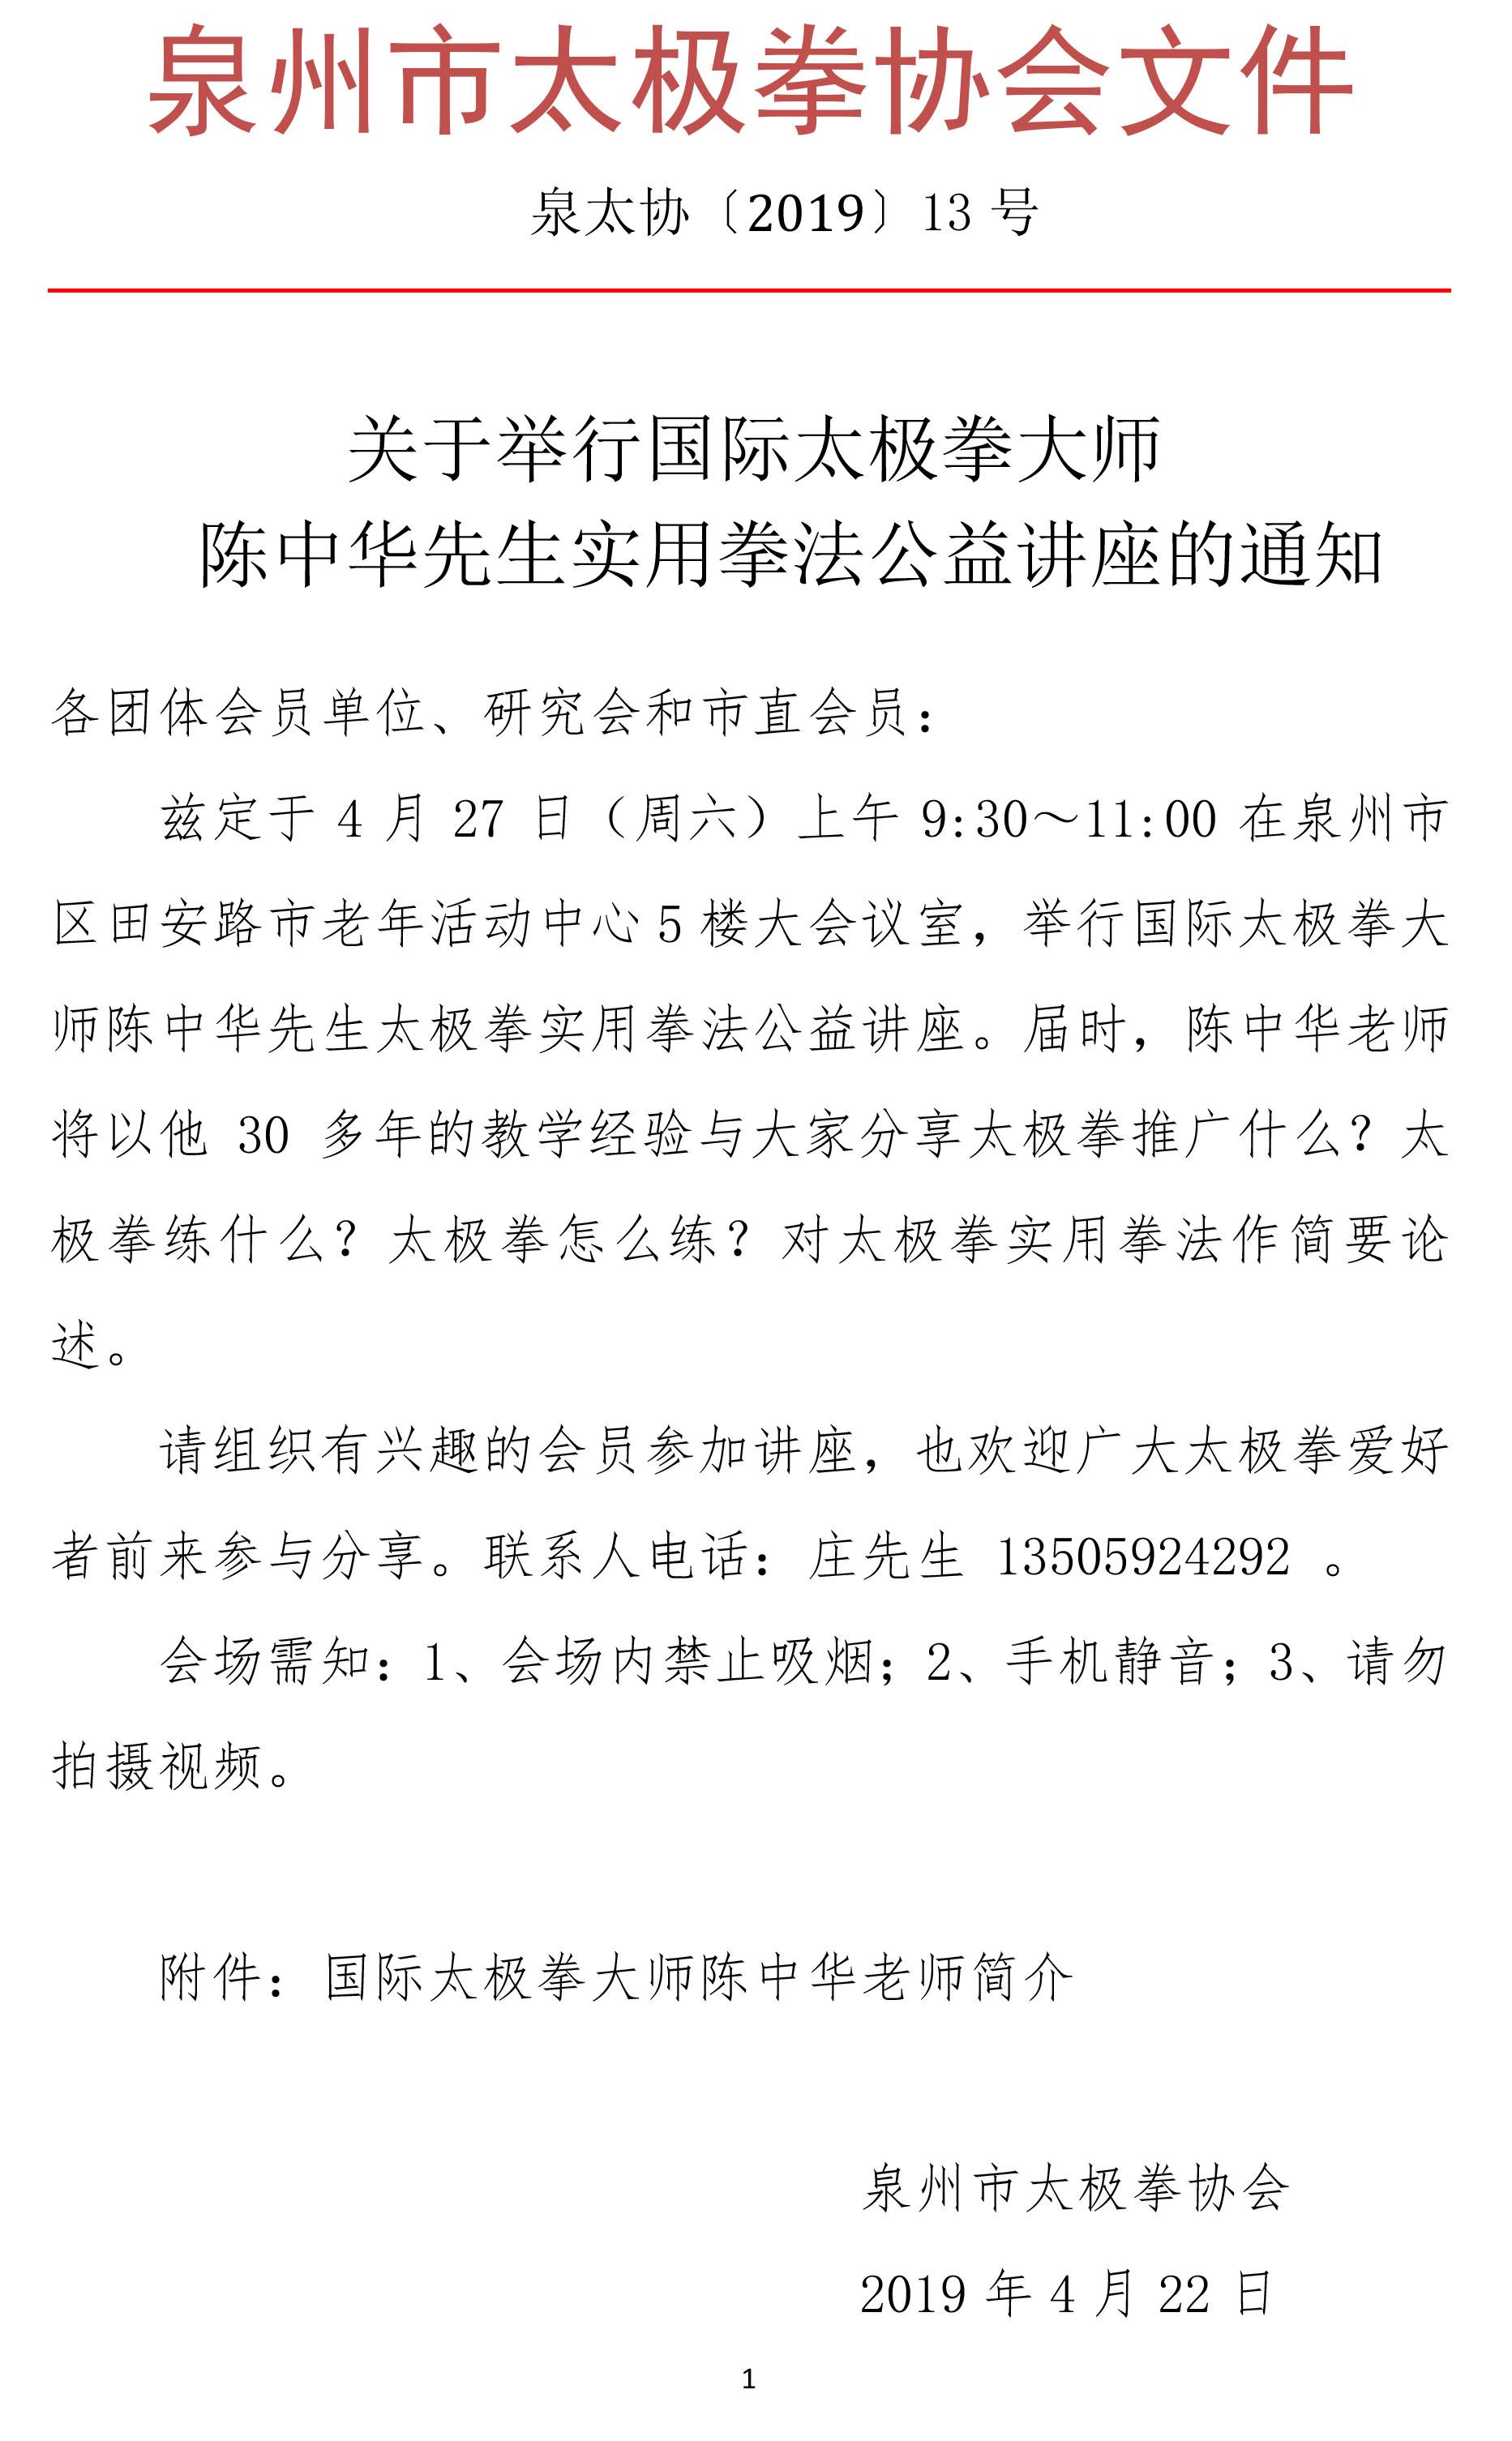 13号关于举行国际太极拳大师陈中华先生实用拳法公益讲座的通知--1